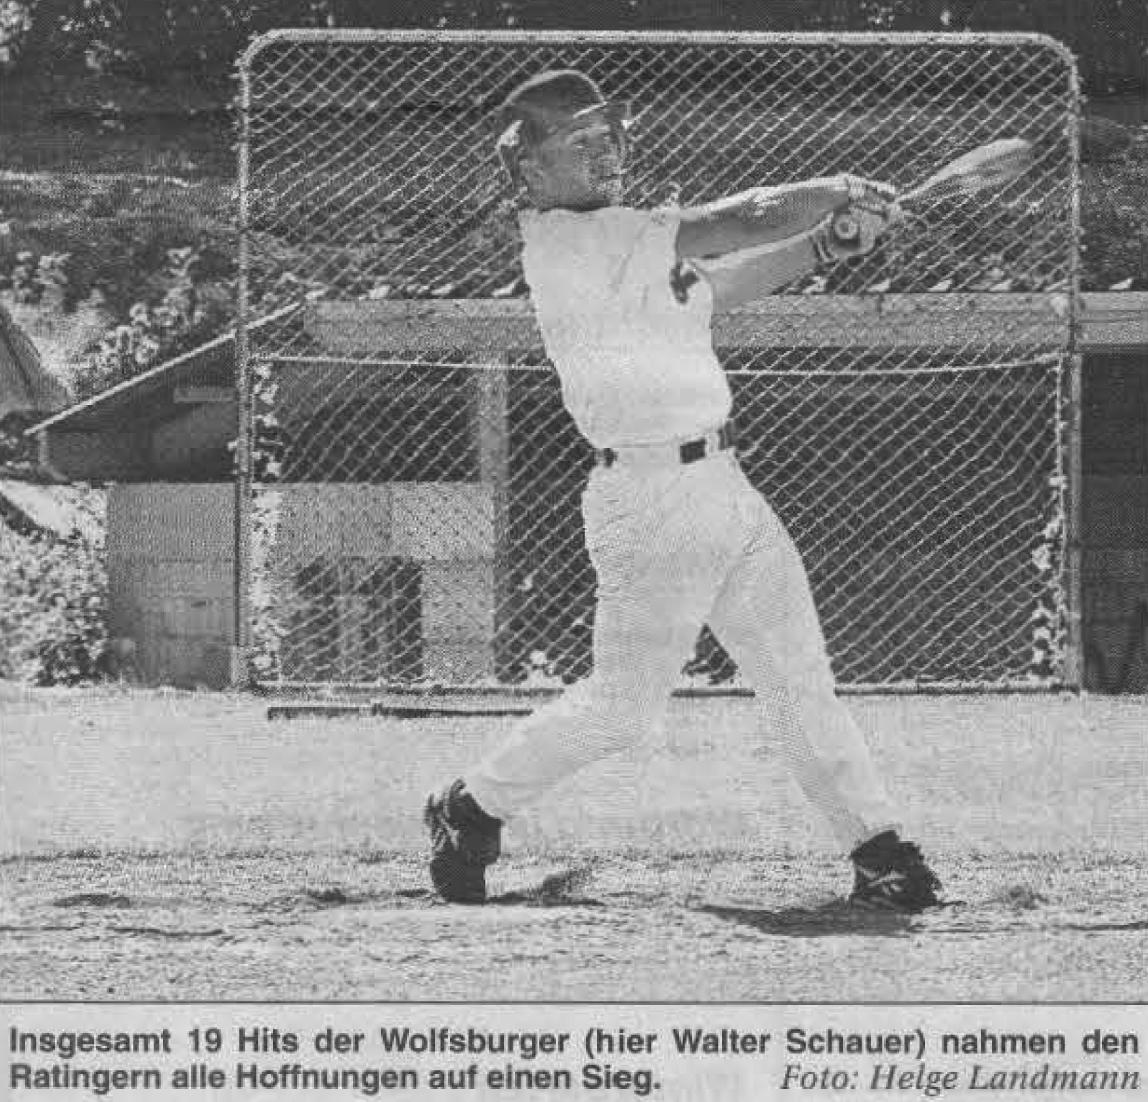 Insgesamt 19 Hits der Wolfsburger (hier Walter Schauer) nahmen den Ratingern alle Hoffnungen auf einen Sieg. Foto: Helge Landmann